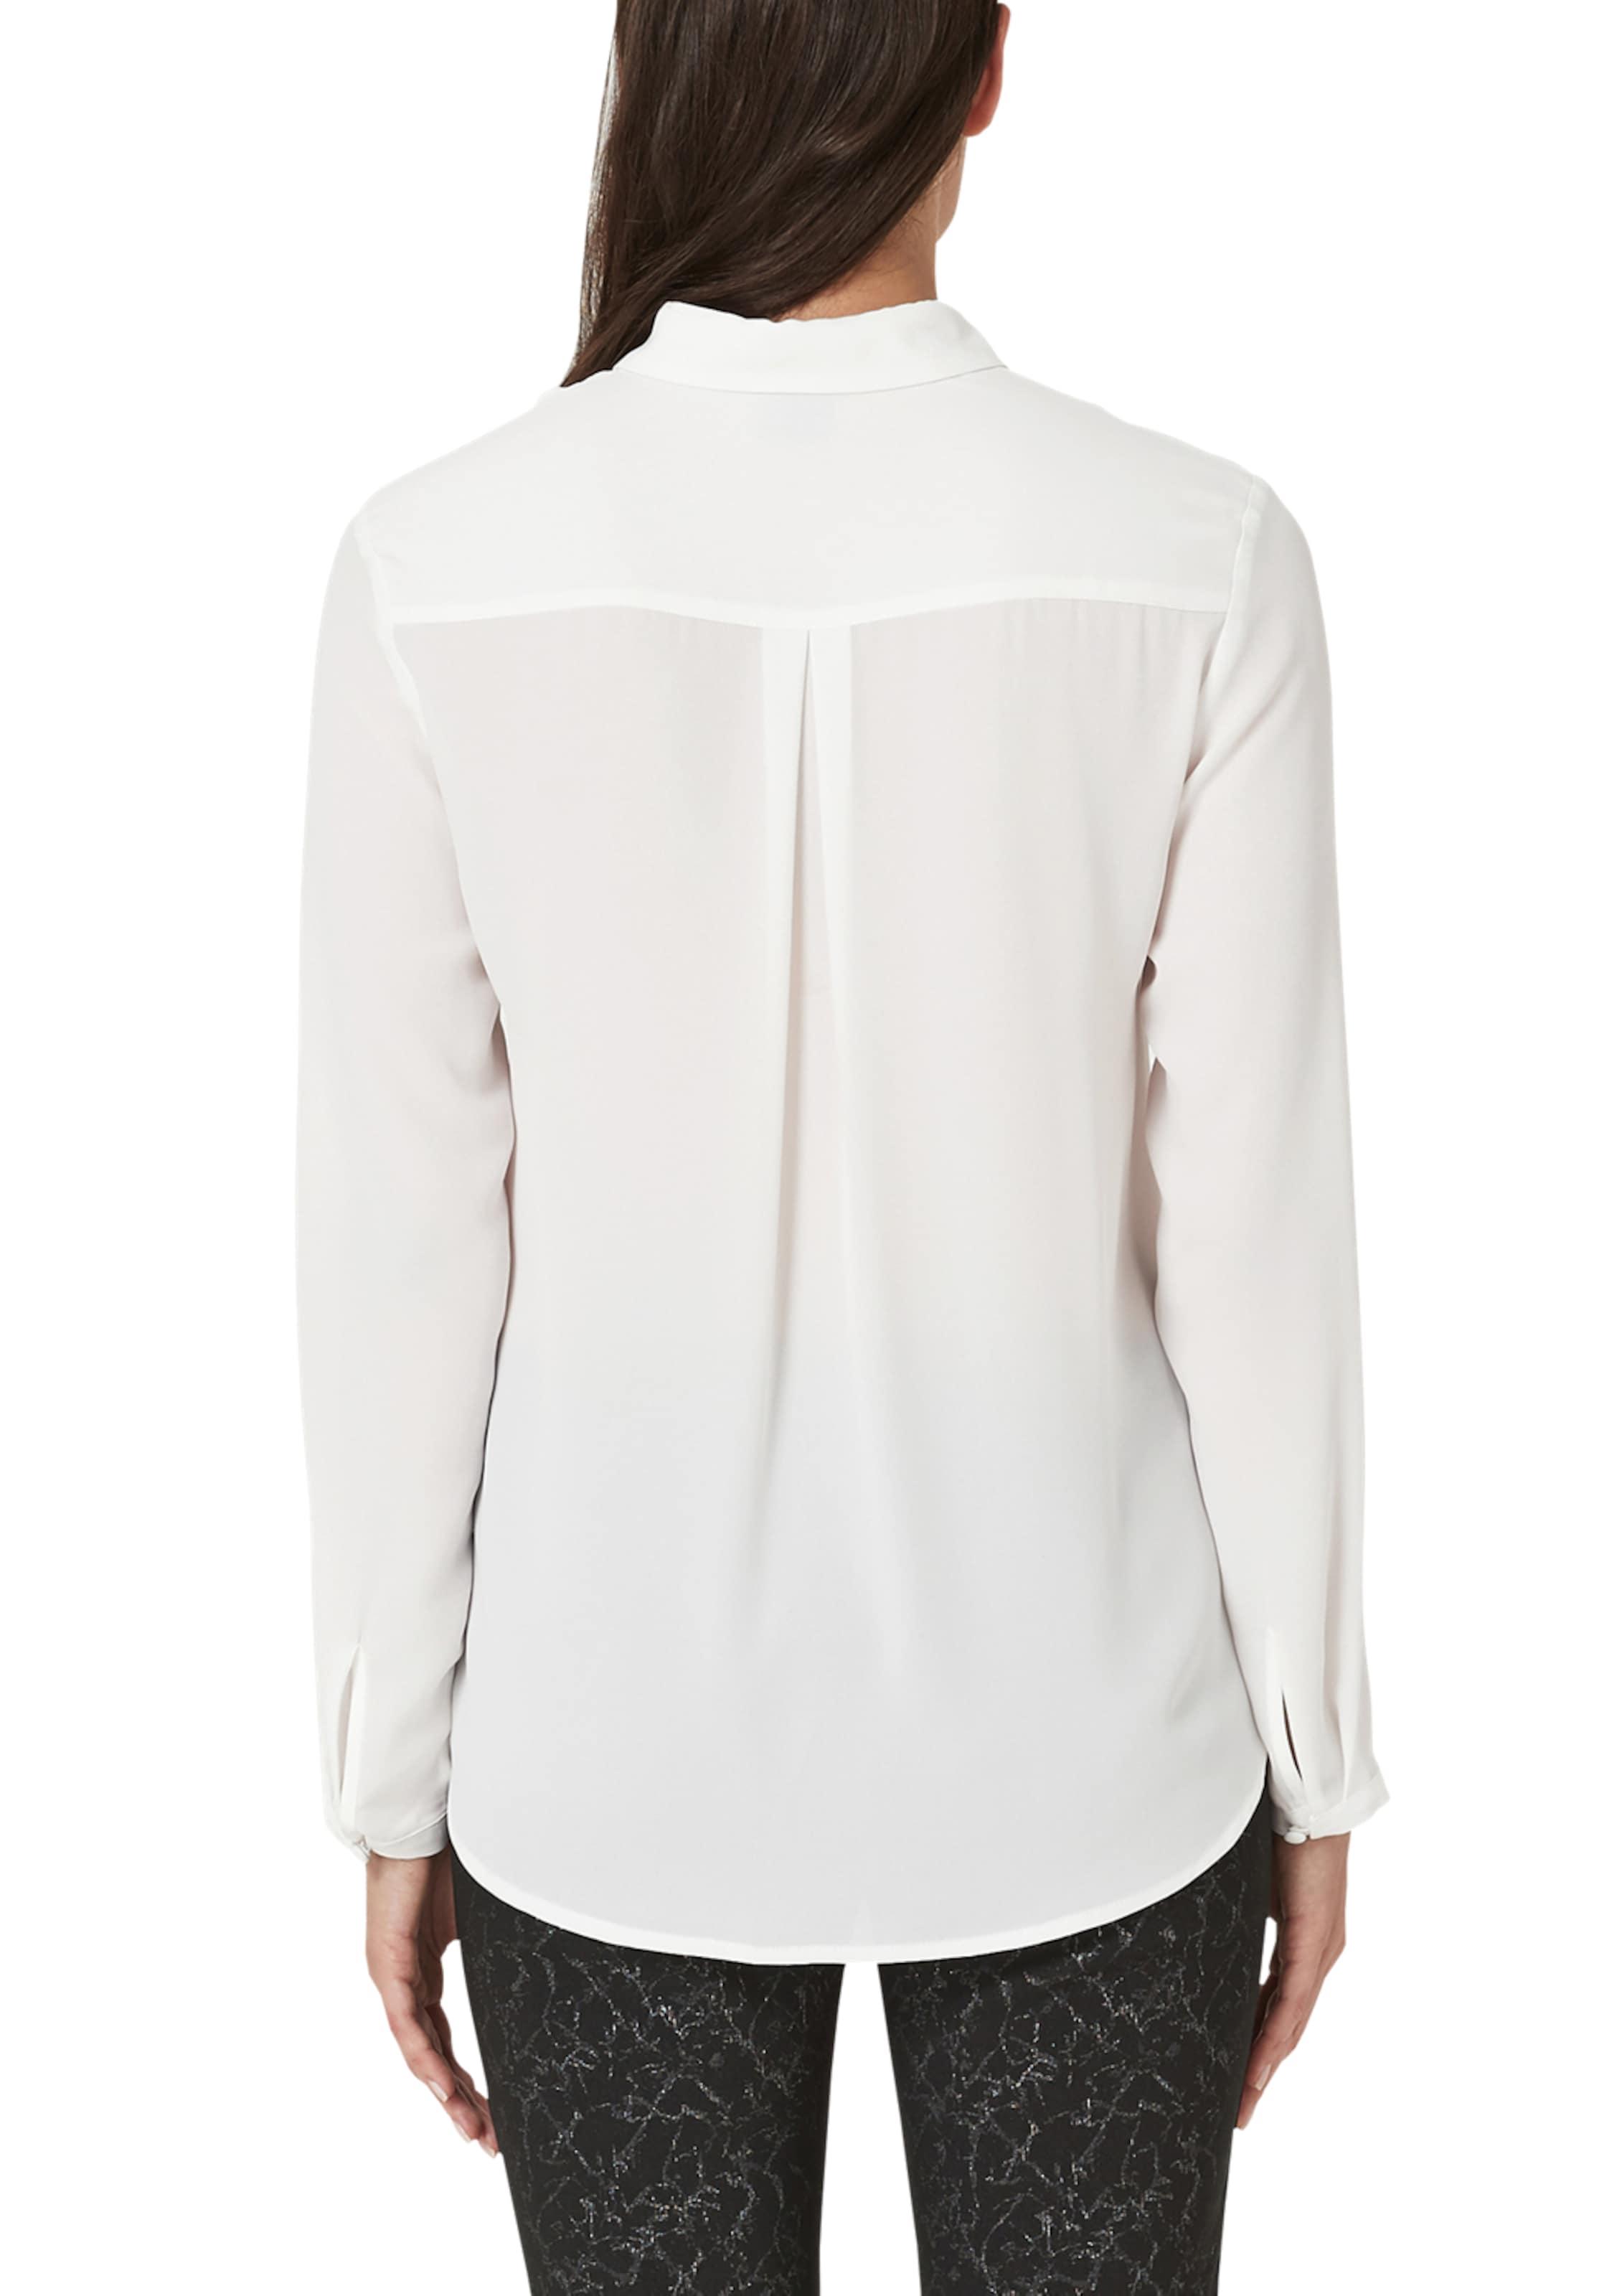 S Bluse Black In oliver Weiß Label FJ3cTl1K